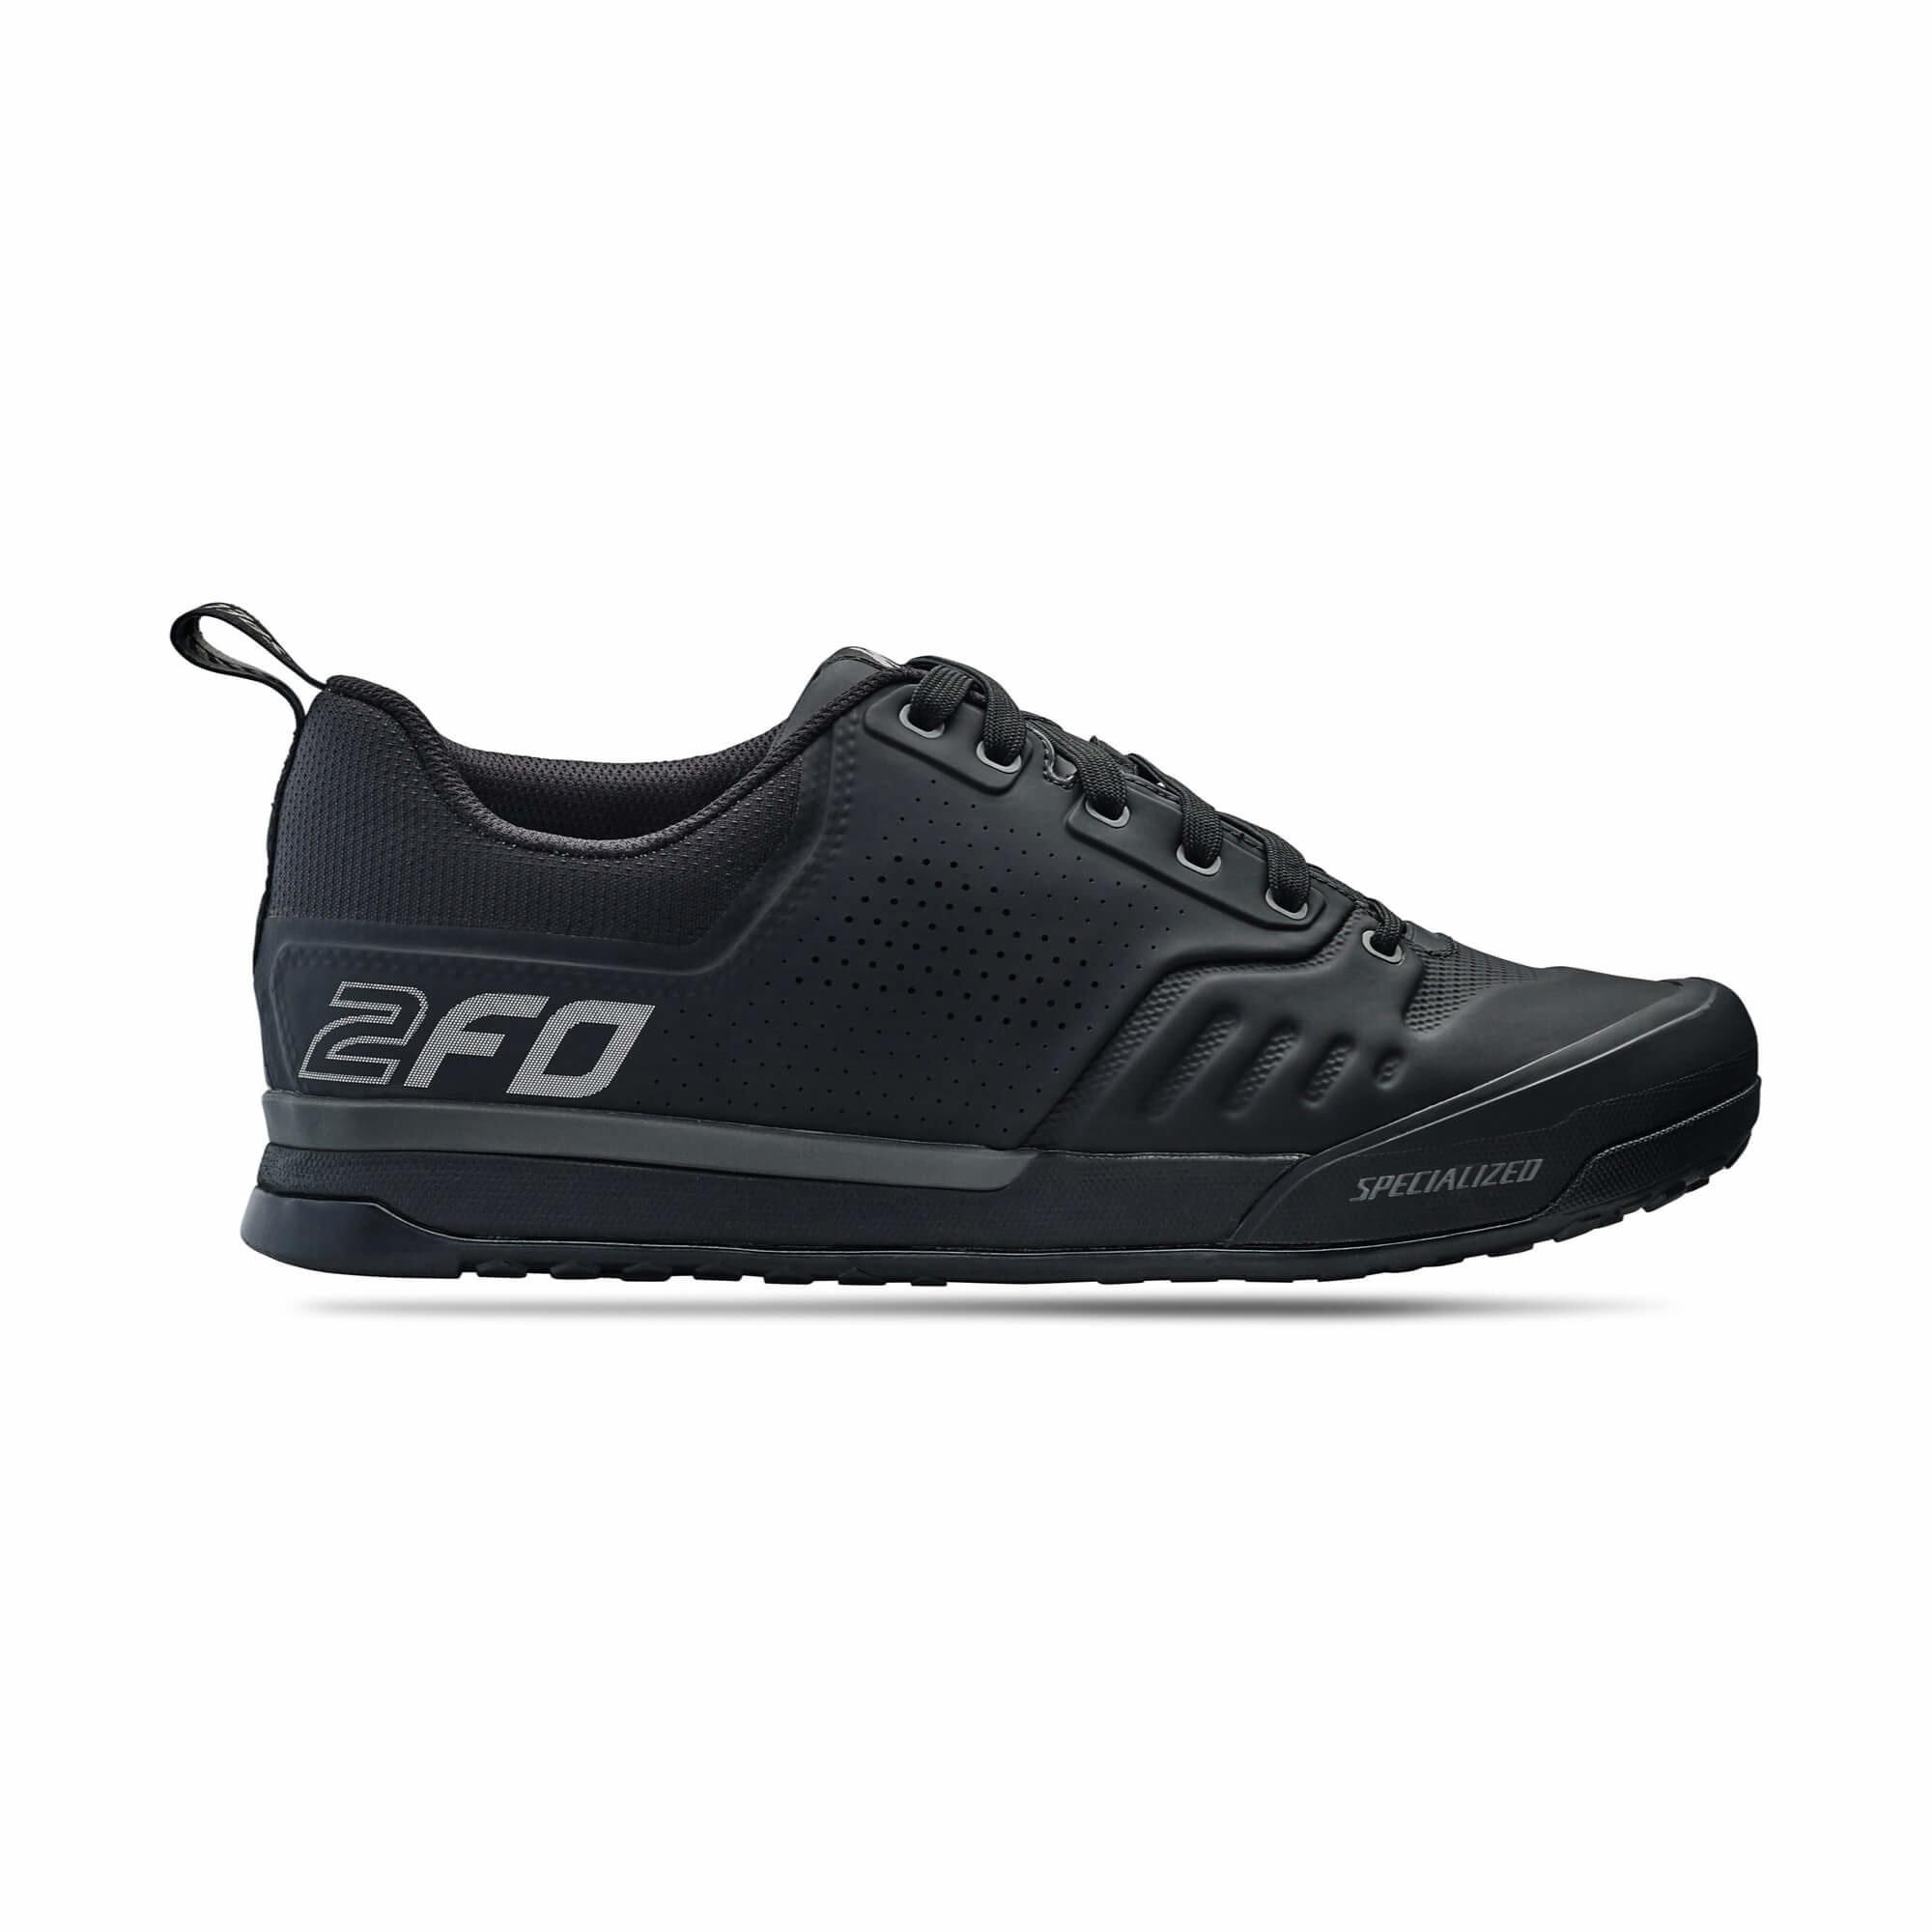 2FO Flat 2.0 MTB Shoe-9